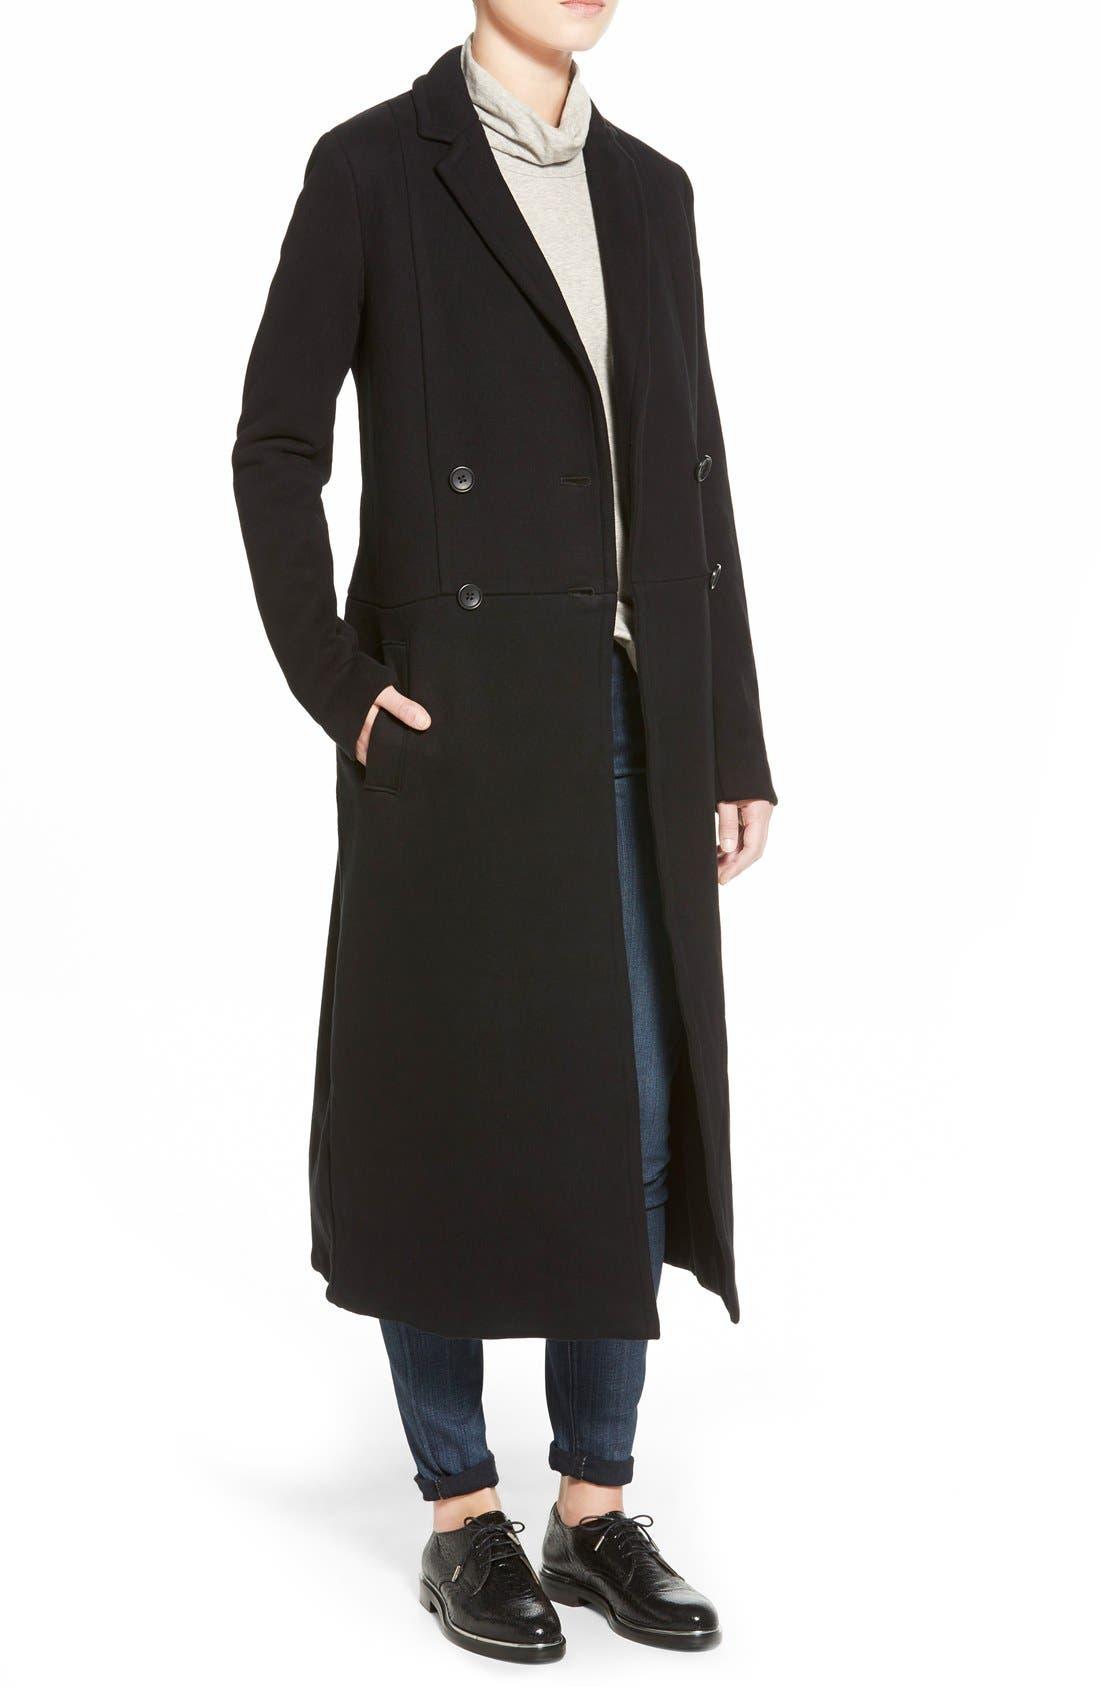 JAMES PERSE Fleece Overcoat, Main, color, 001